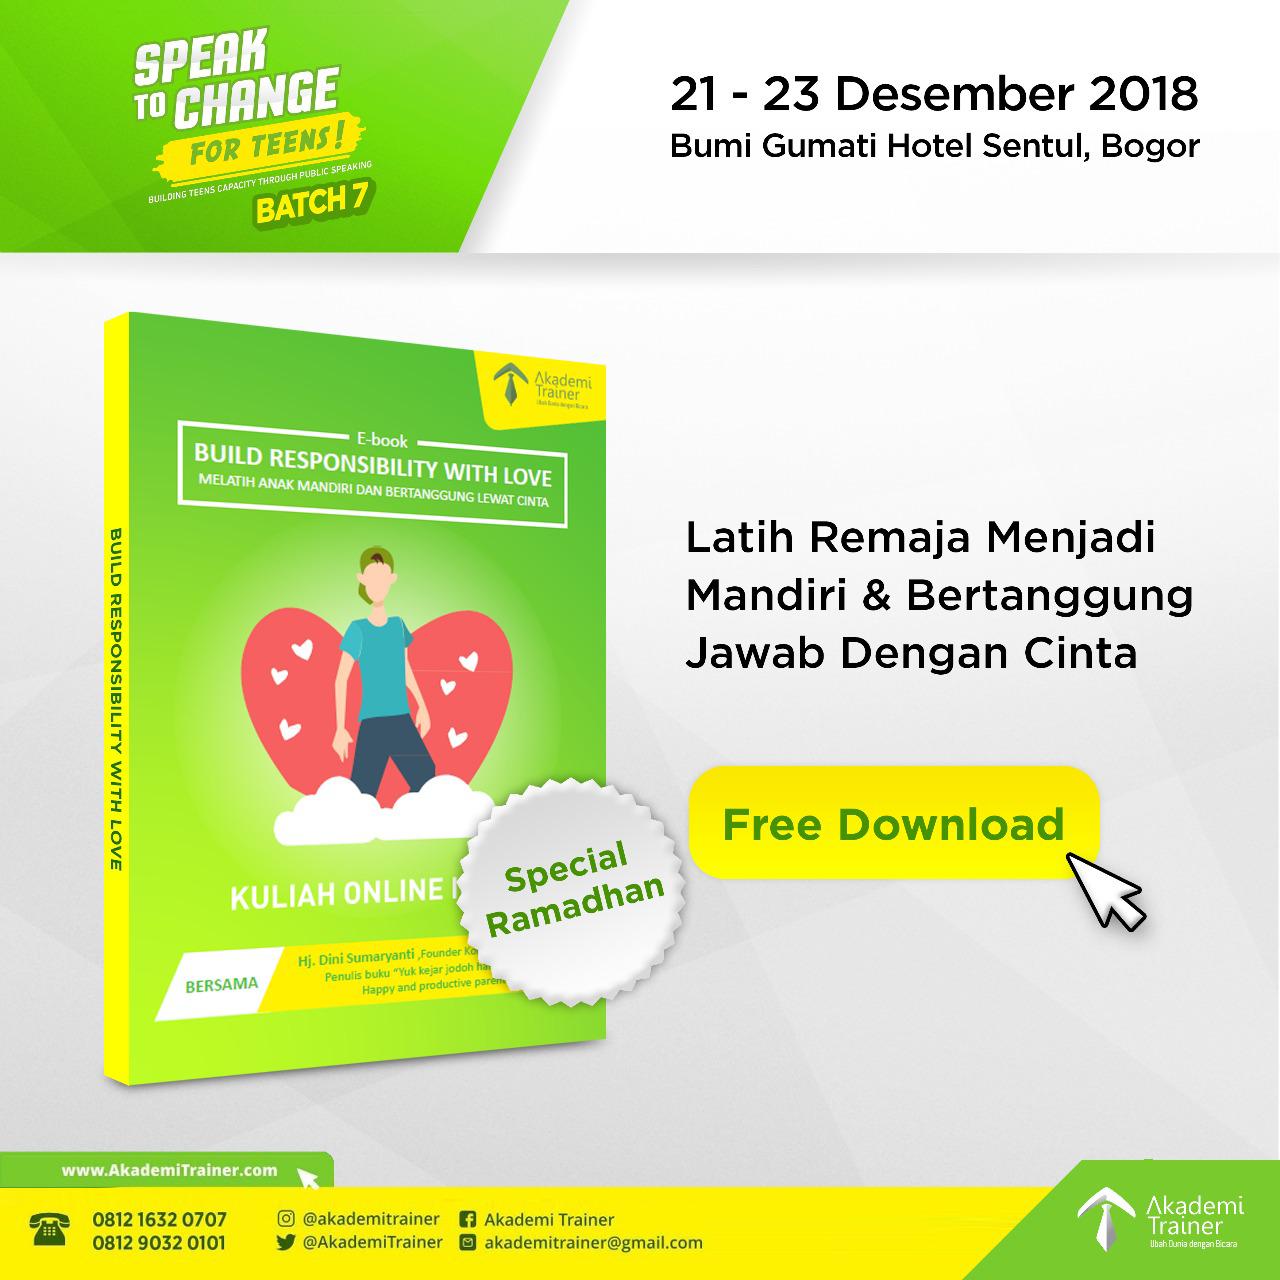 Ebook Gratis Latih Remaja Menjadi Mandiri & Bertanggung Jawab Dengan Cinta - Corporate Training Indonesia